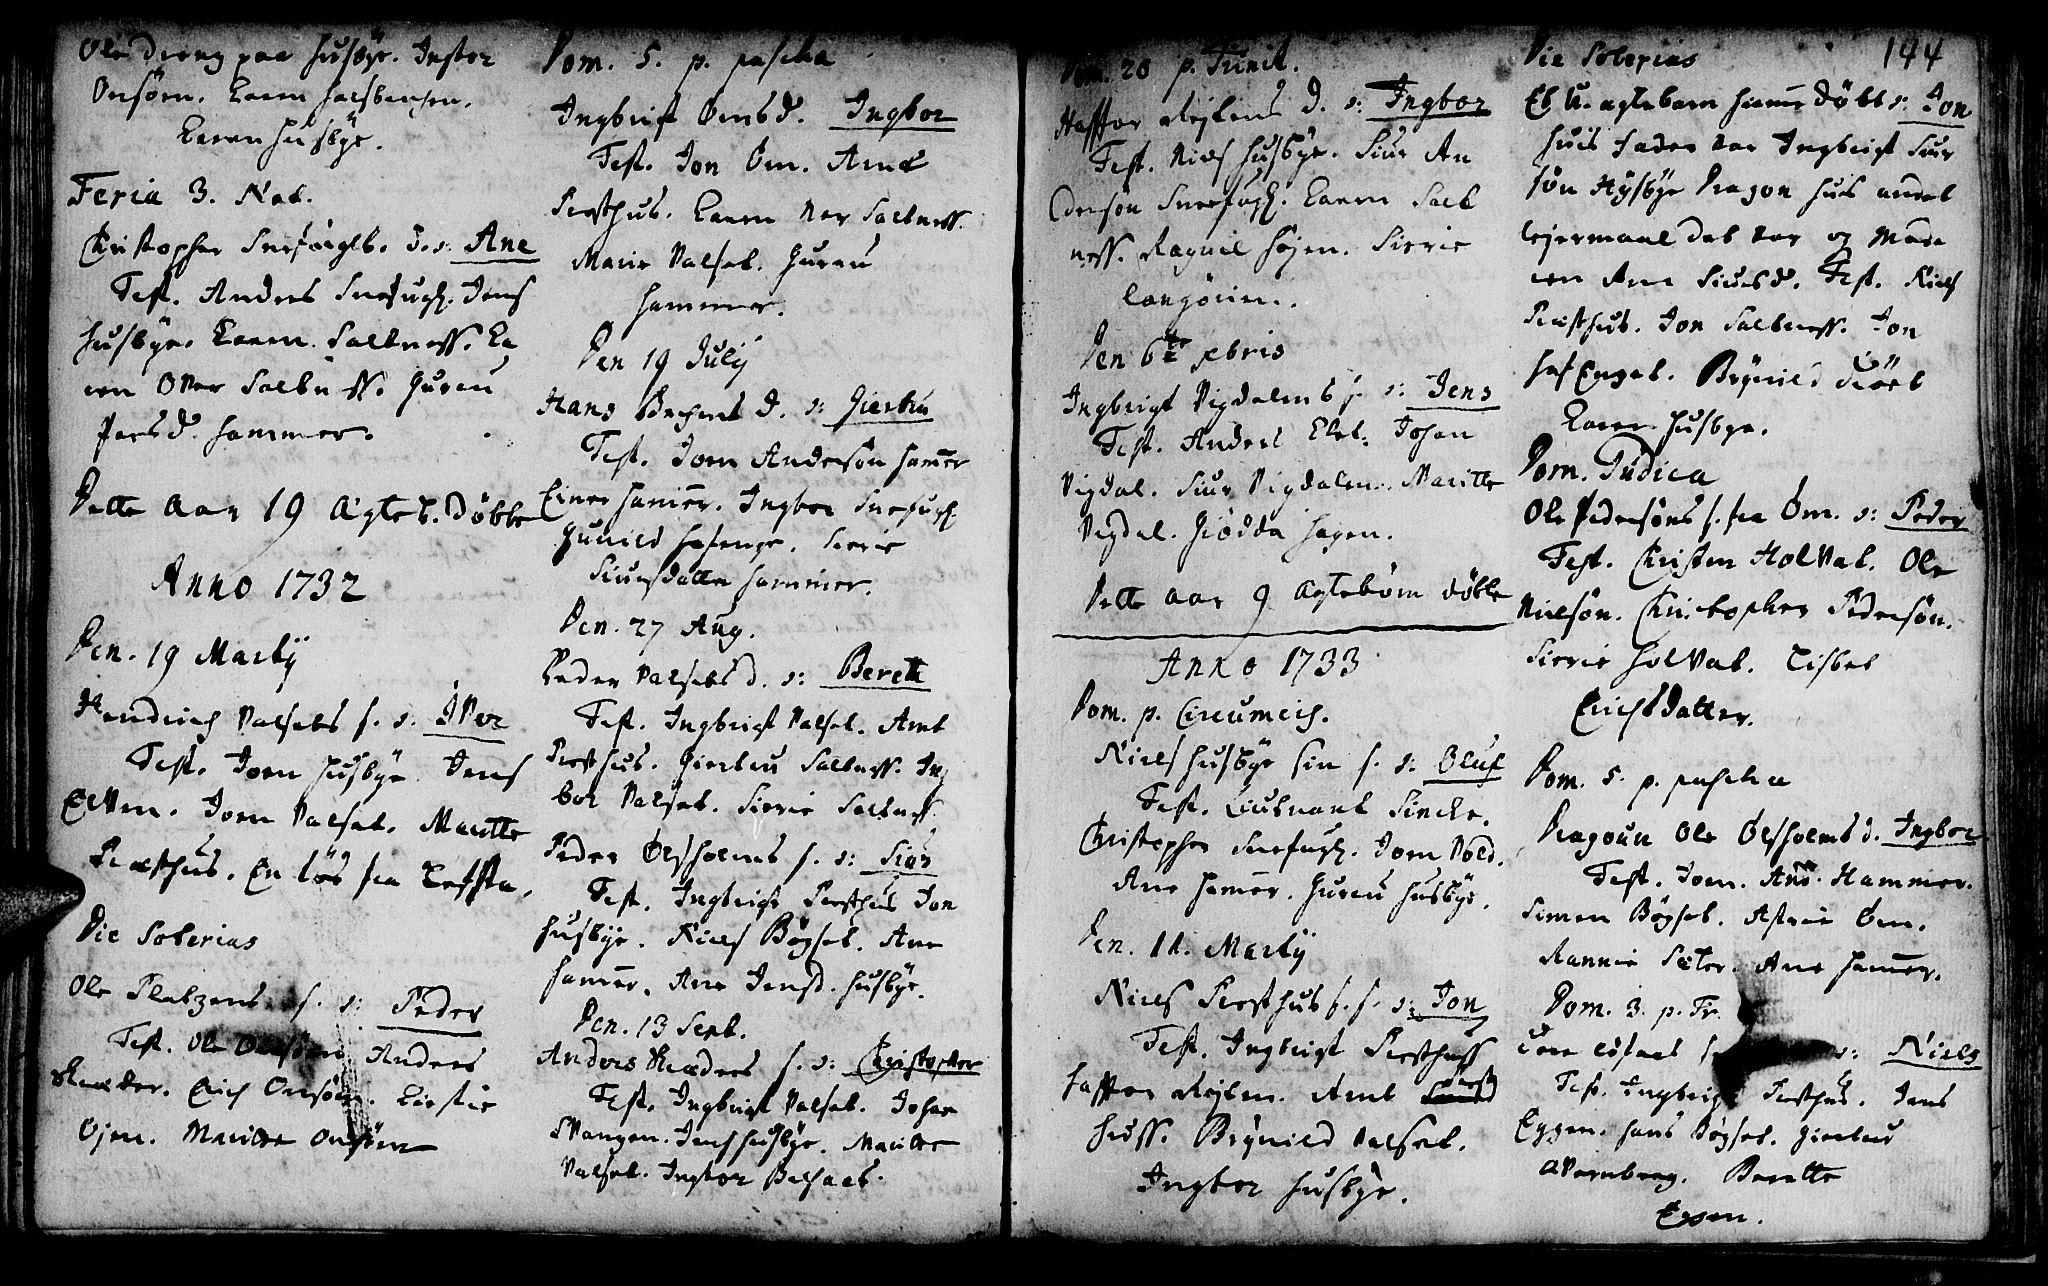 SAT, Ministerialprotokoller, klokkerbøker og fødselsregistre - Sør-Trøndelag, 666/L0783: Ministerialbok nr. 666A01, 1702-1753, s. 144